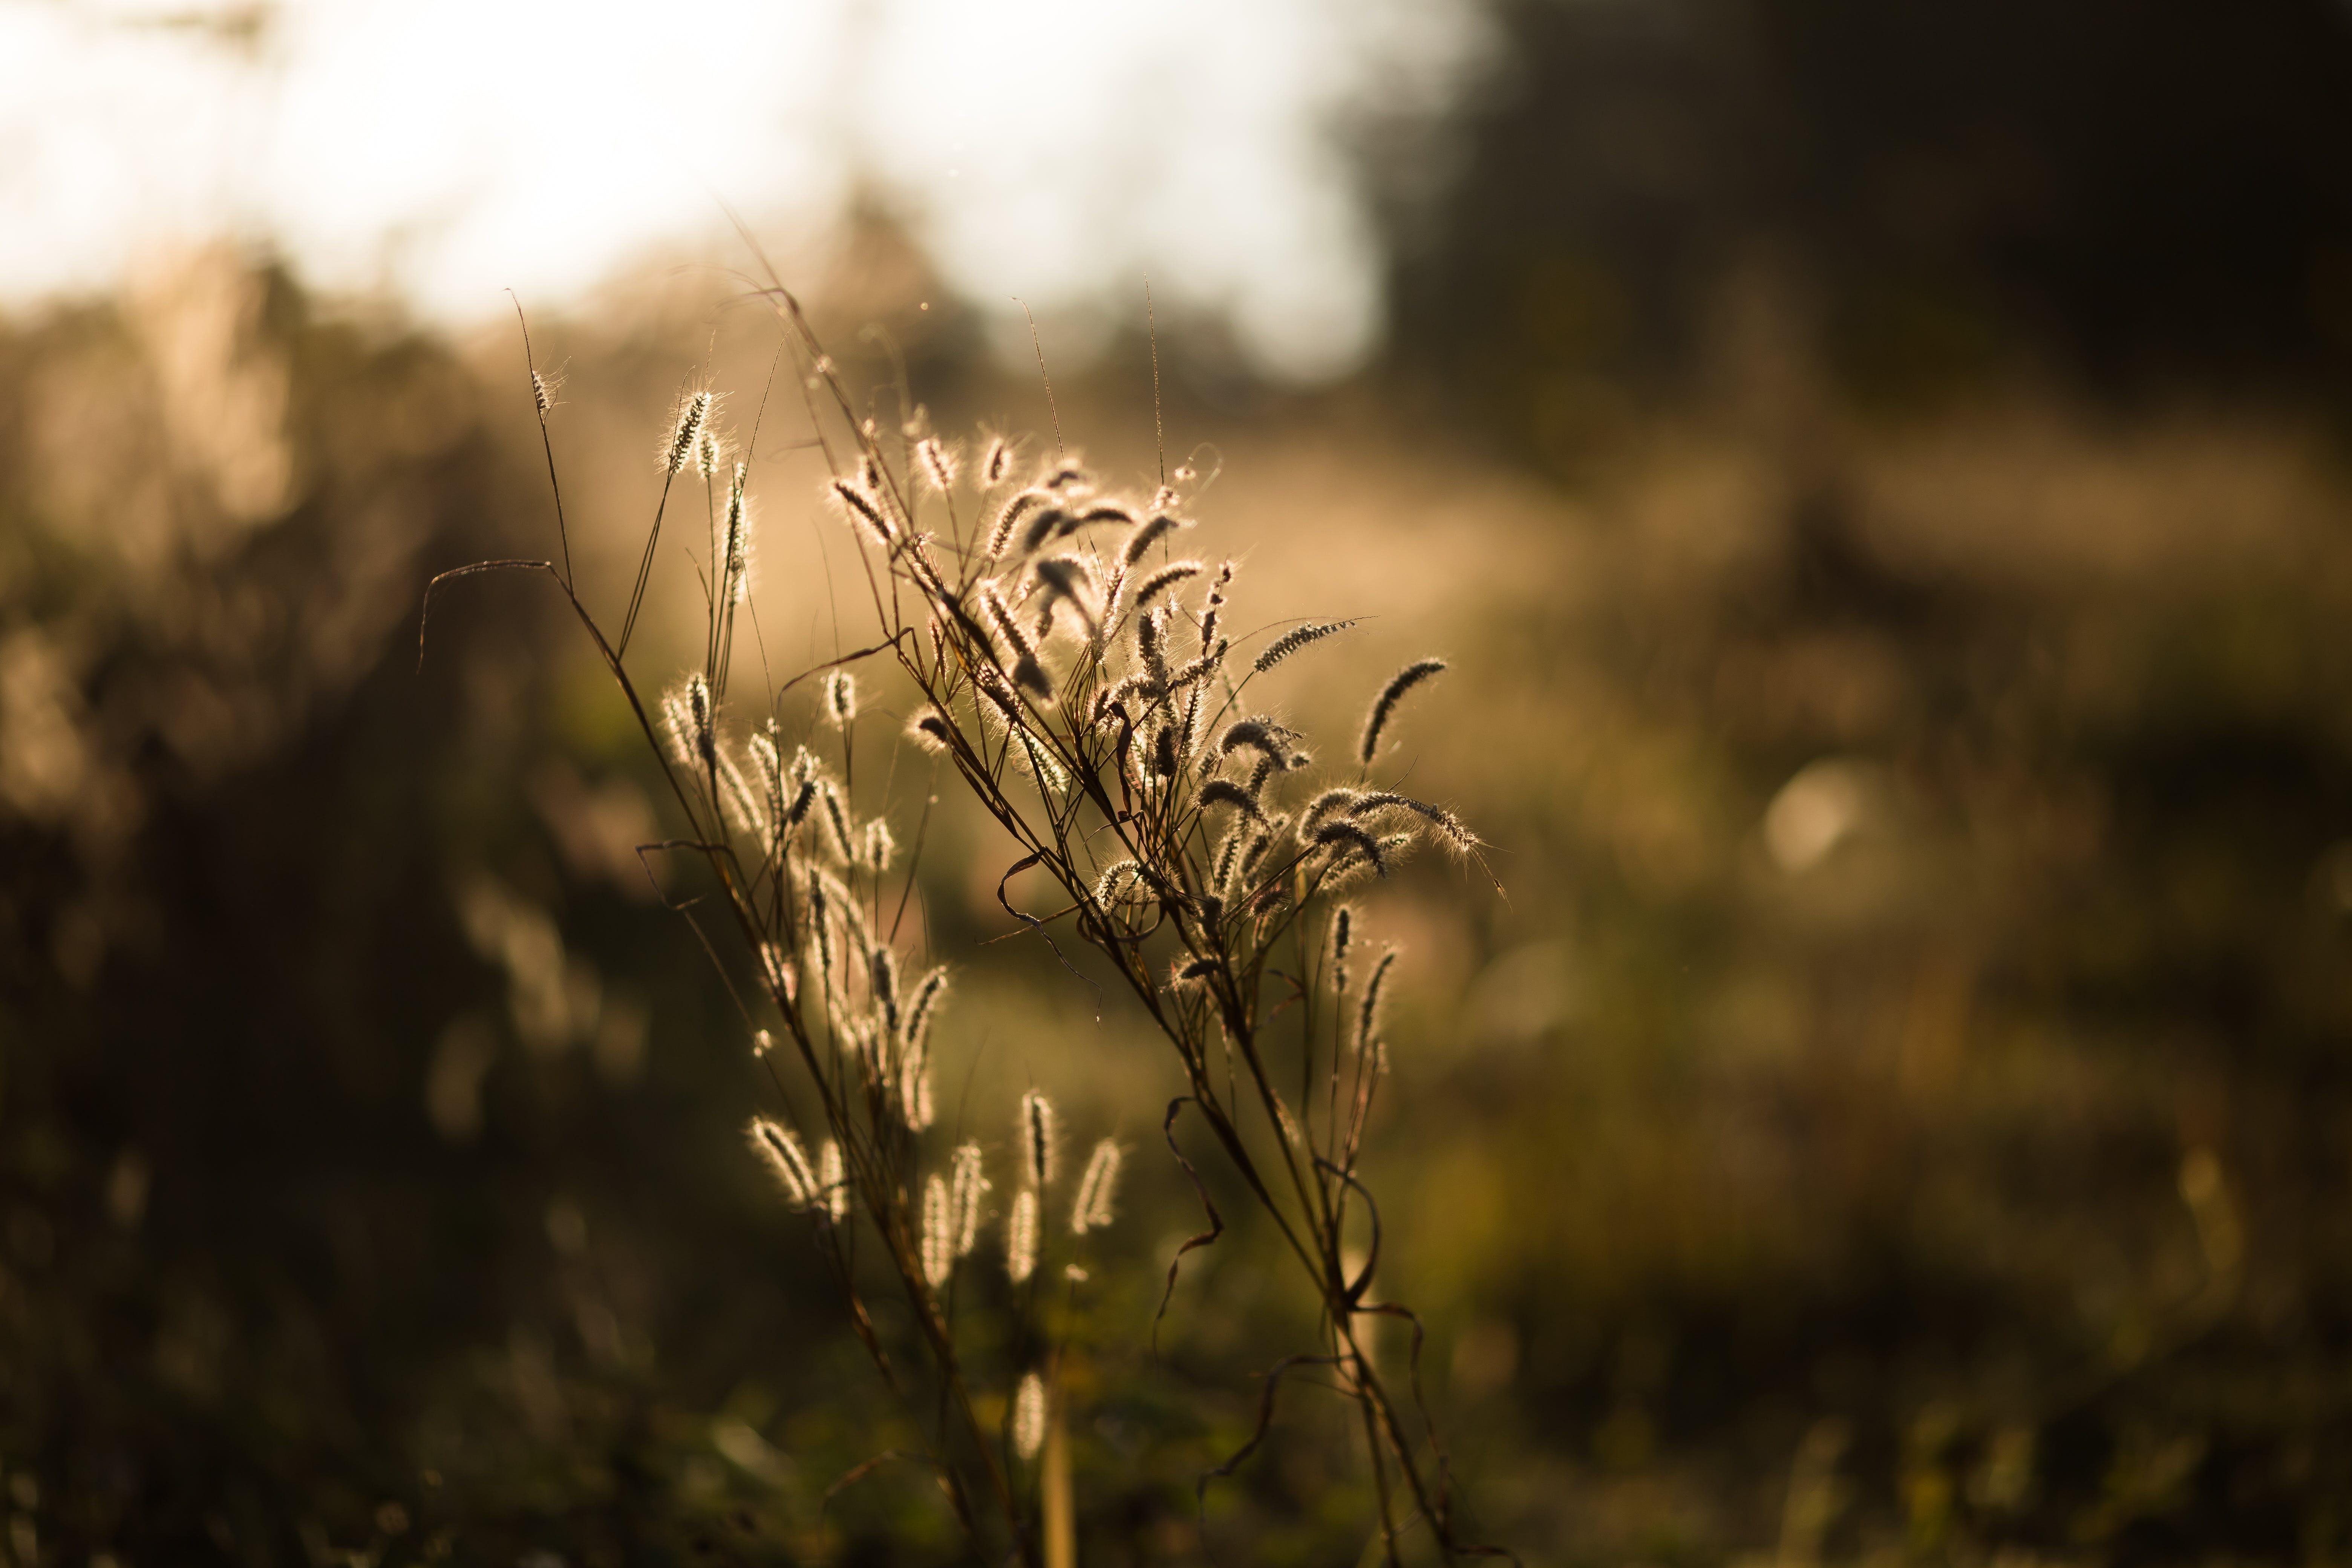 Gratis arkivbilde med åker, anlegg, gress, makro